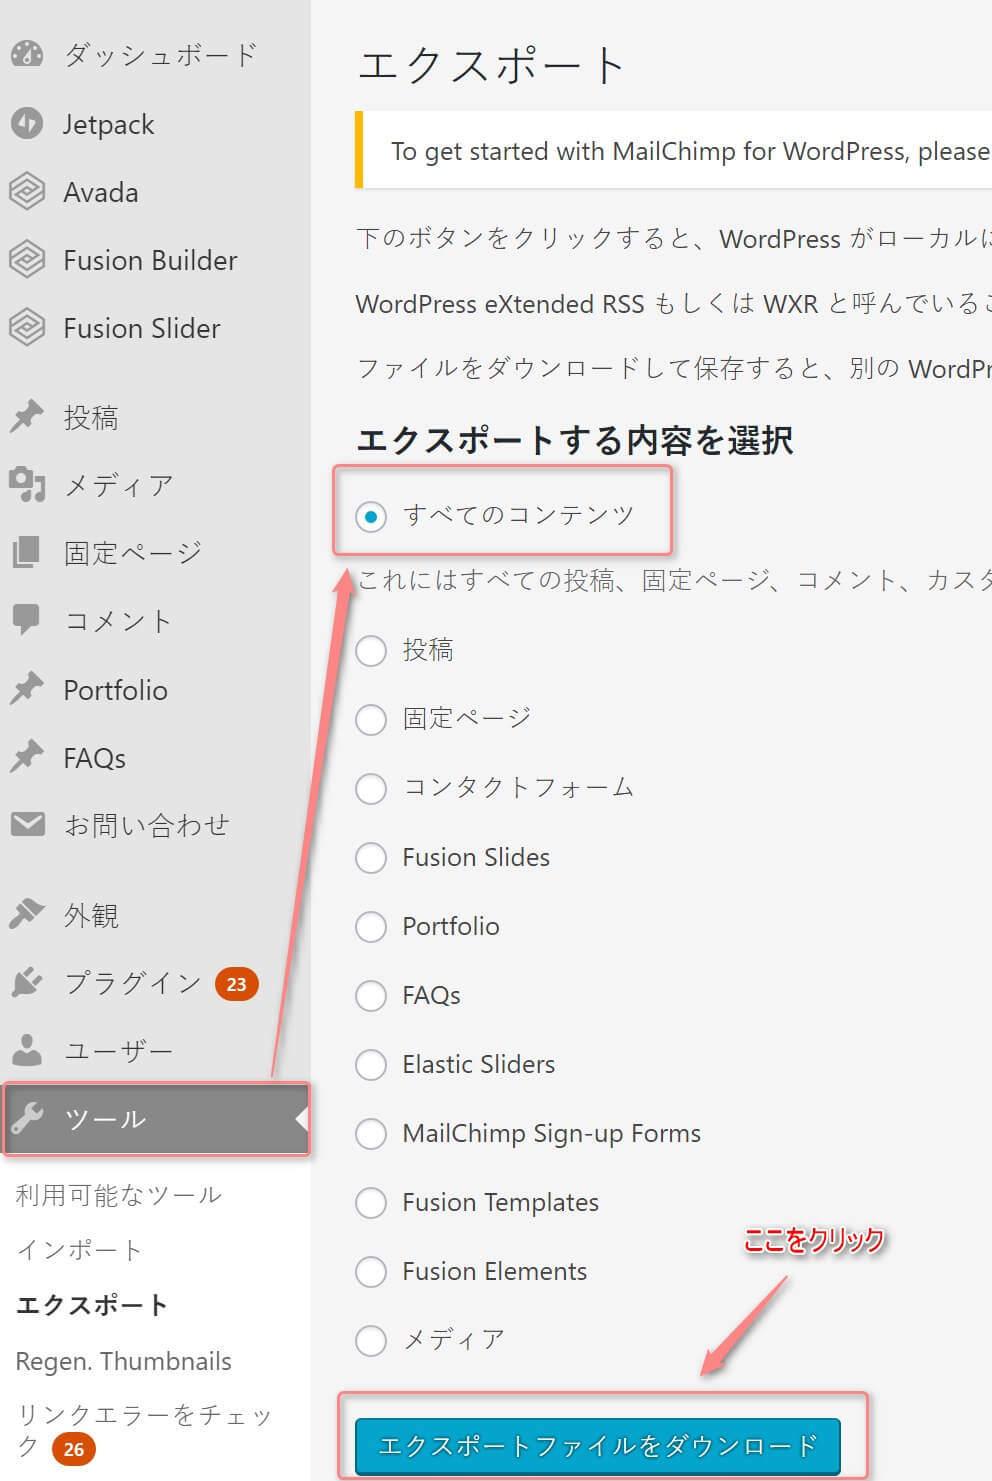 海外Wordpressテーマの使い方の注意点と手順